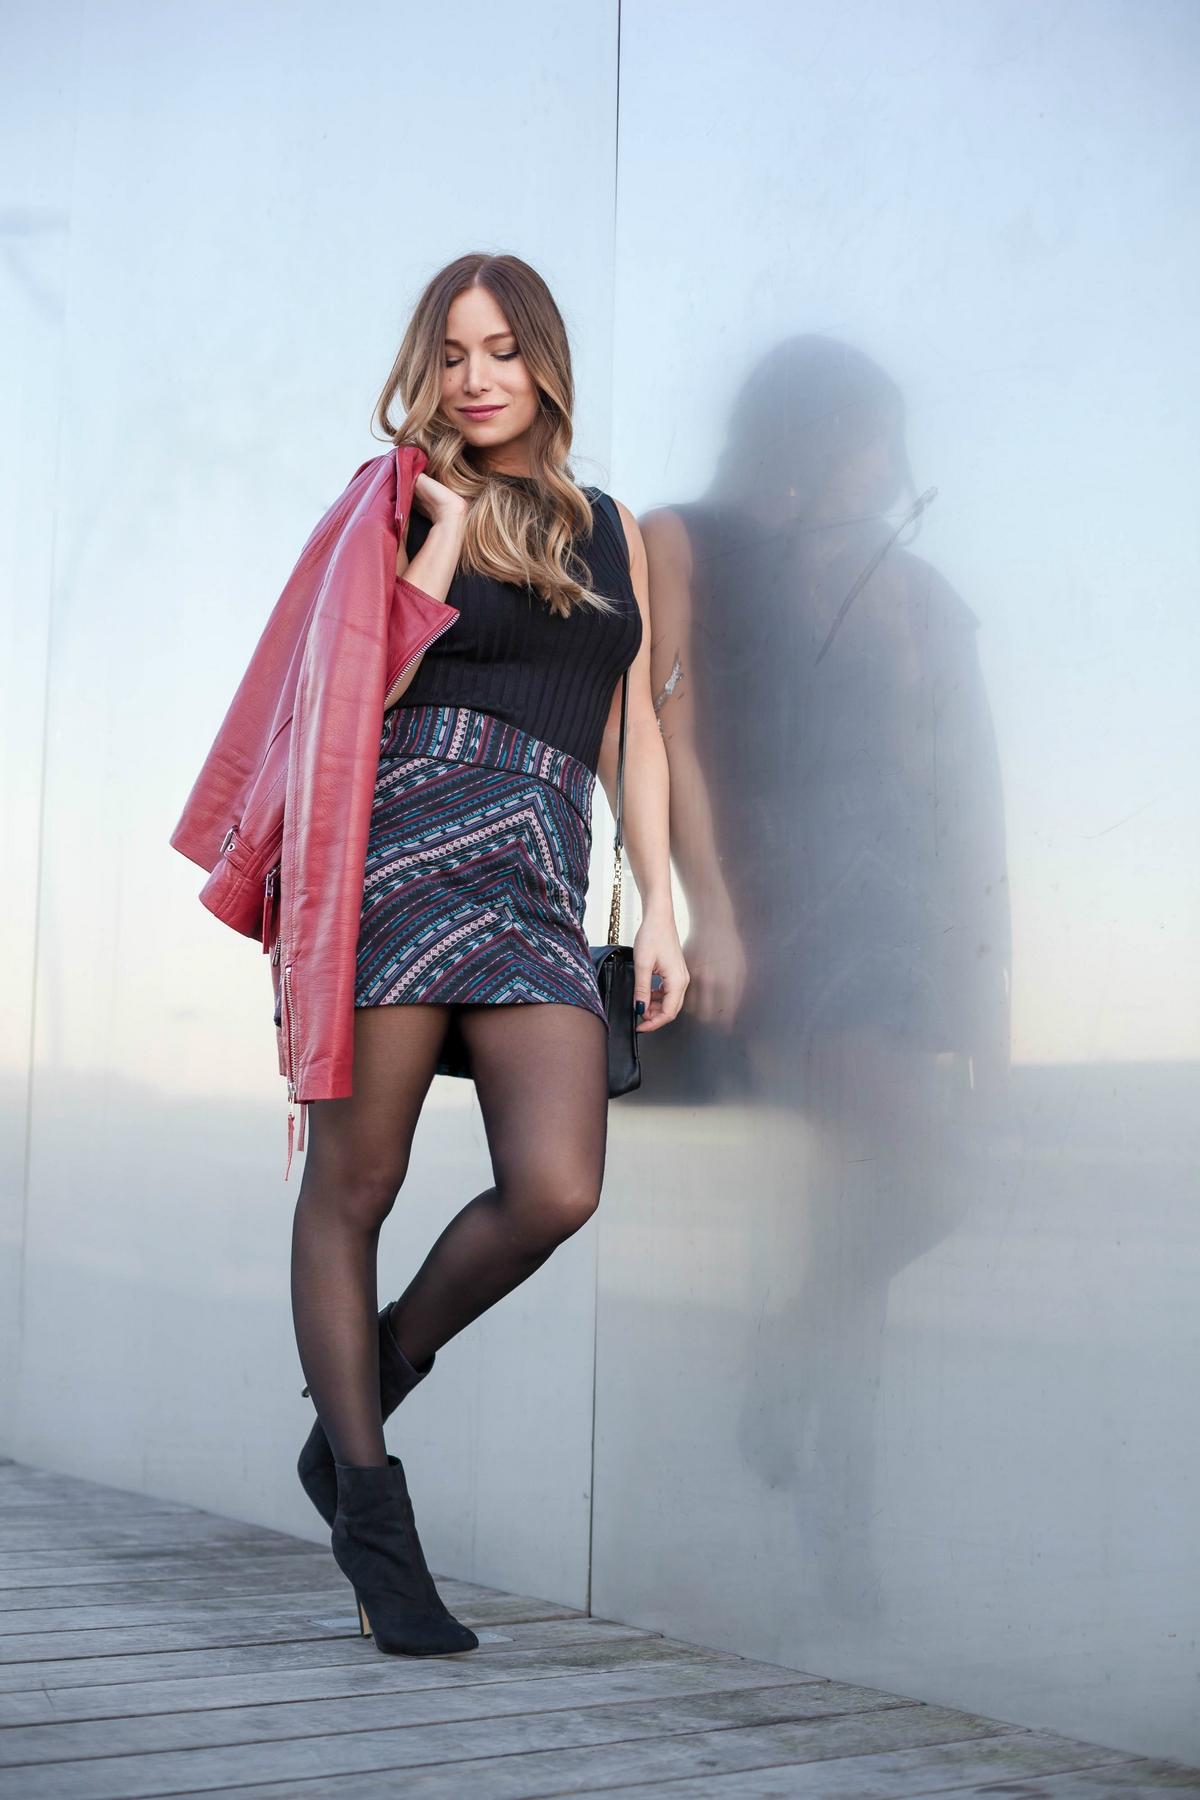 Jolie fille en mini jupe - YouTube